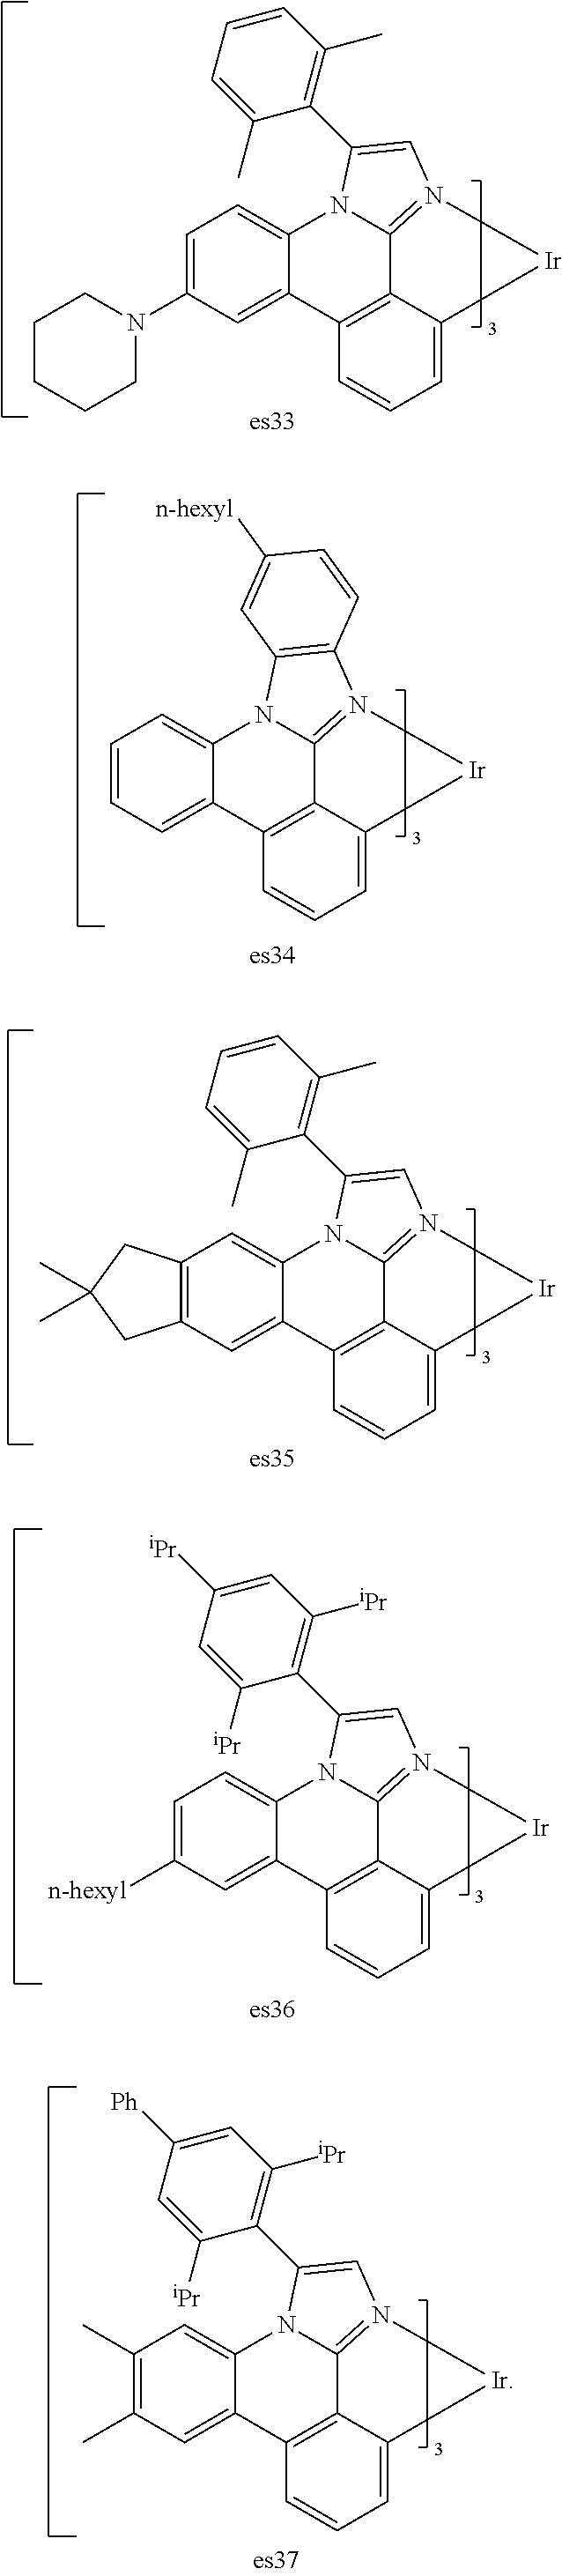 Figure US07915415-20110329-C00016